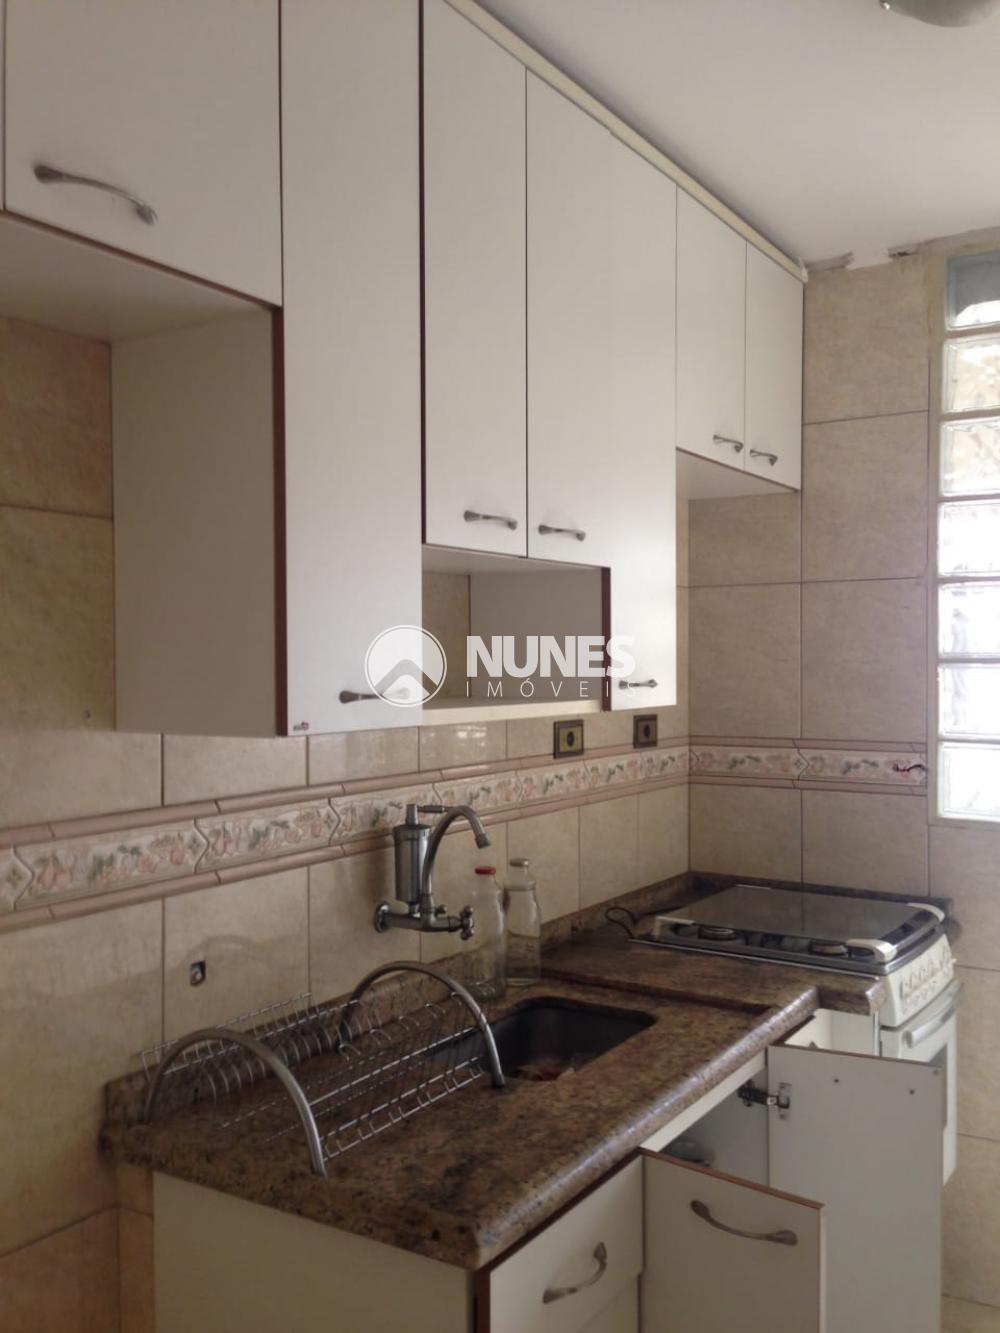 Comprar Apartamento / Padrão em Osasco apenas R$ 266.000,00 - Foto 1